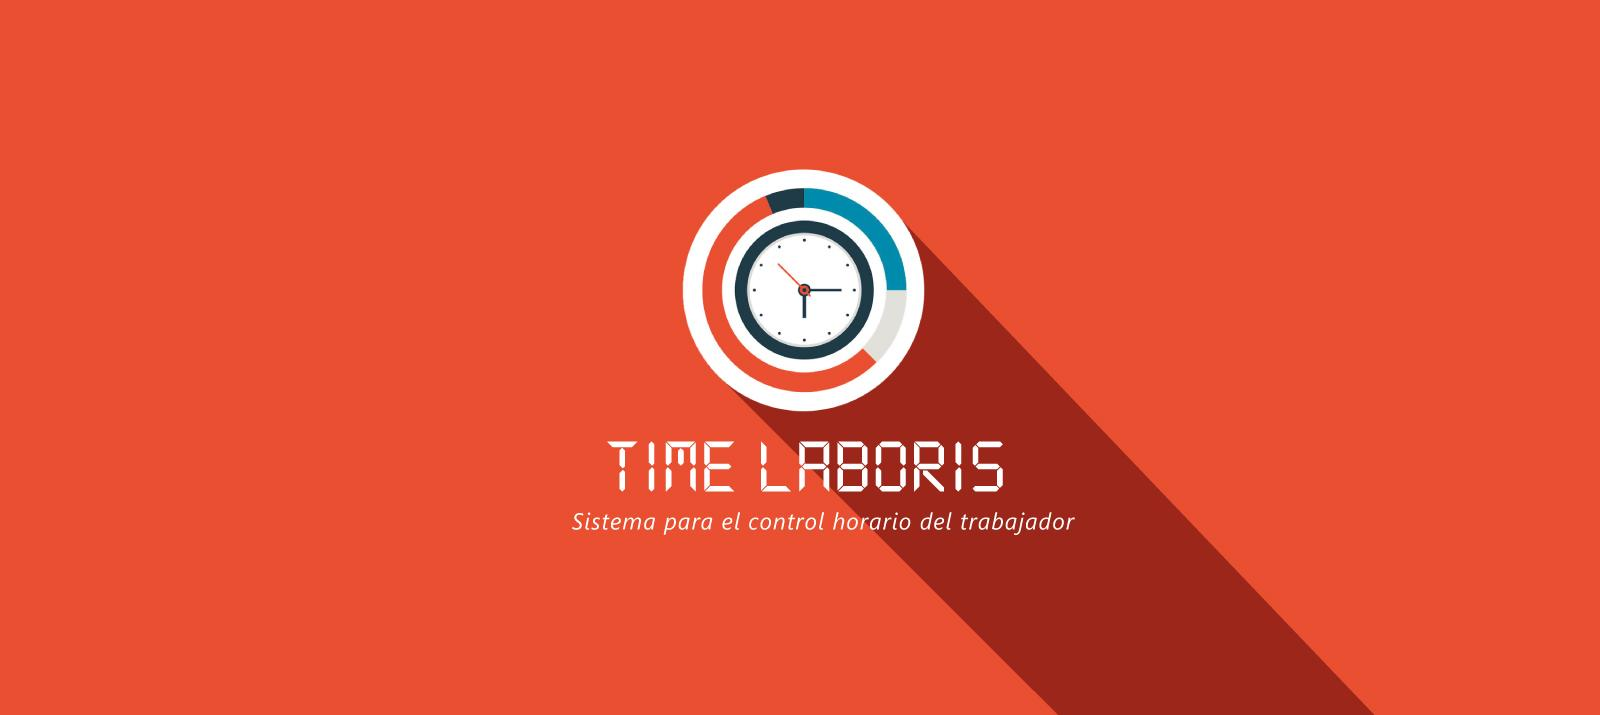 Opiniones Time Laboris: Portal de gestión de registro jornada laboral y RRHH - appvizer